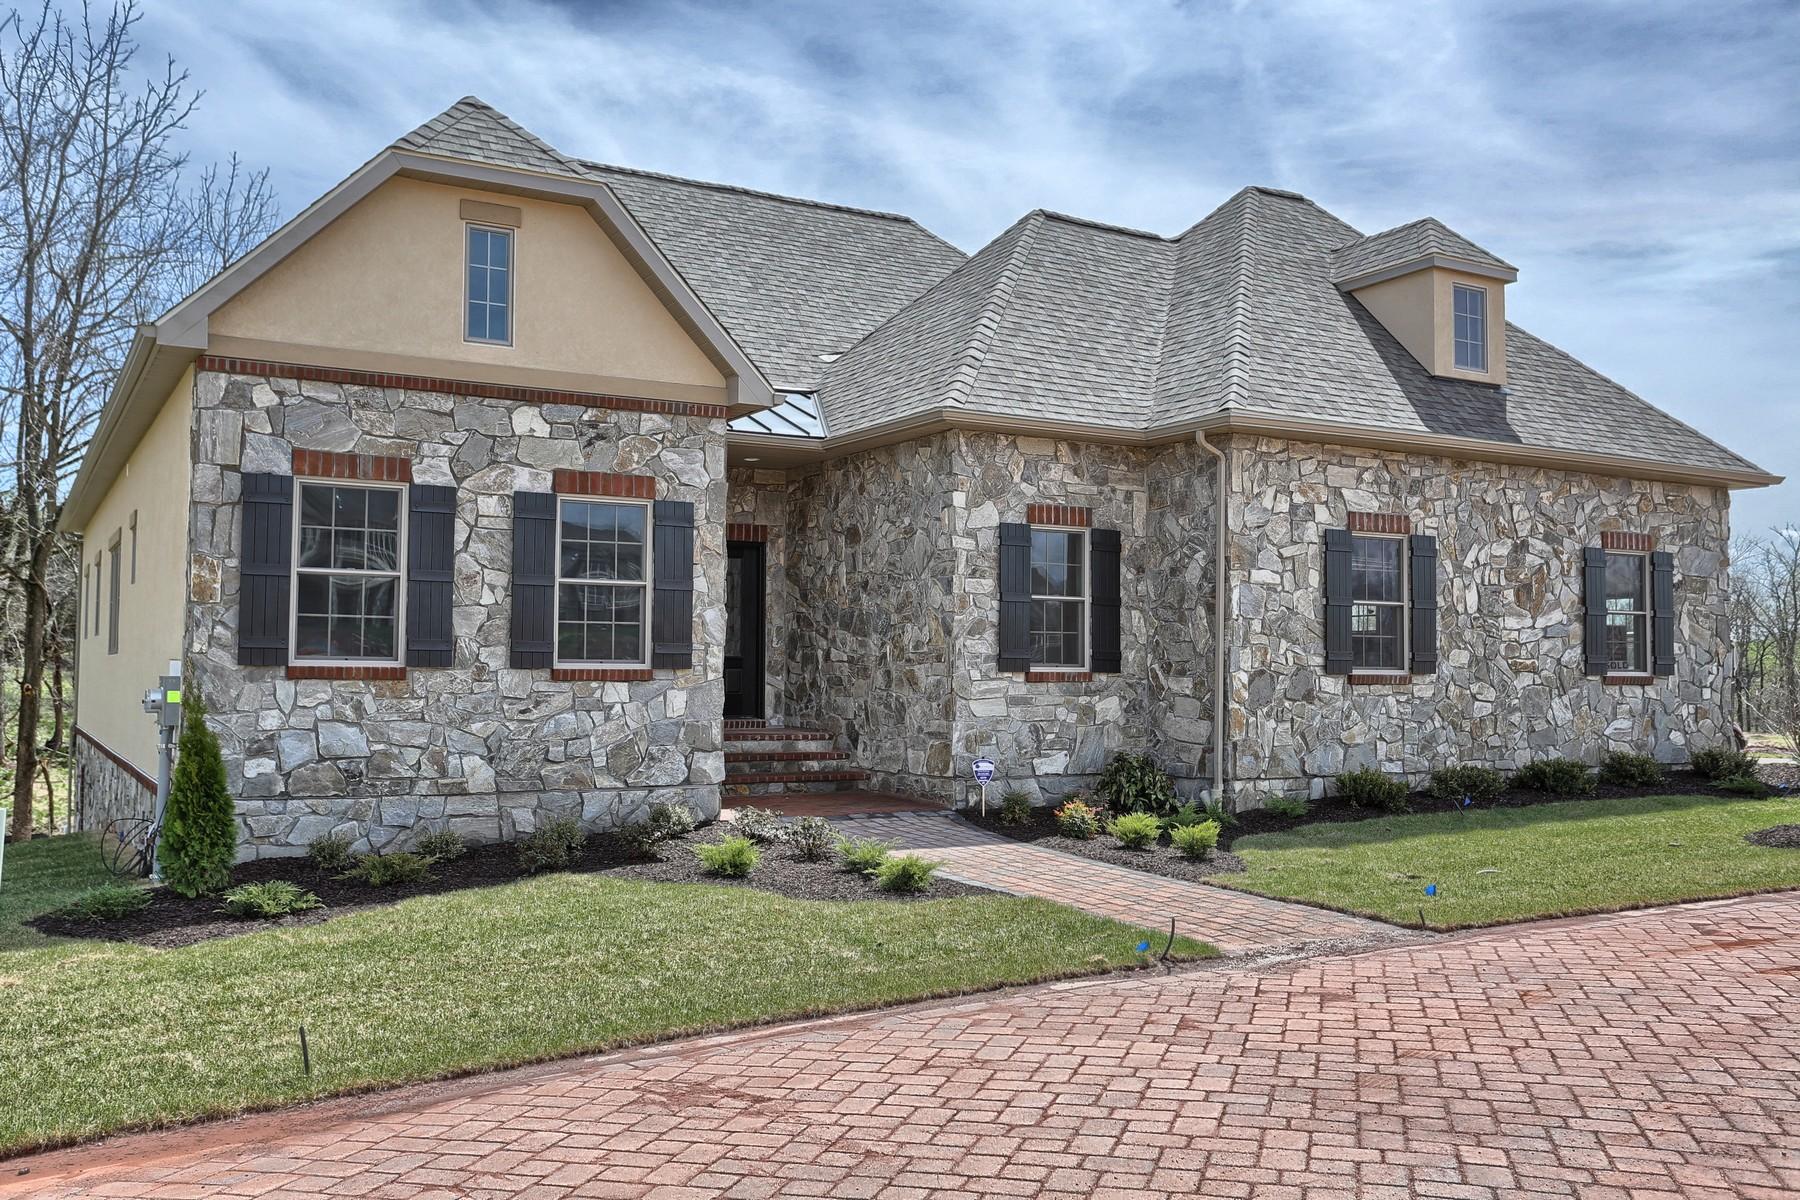 Частный односемейный дом для того Продажа на The Links At Gettysburg 120 Brookside Lane Gettysburg, Пенсильвания, 17325 Соединенные Штаты